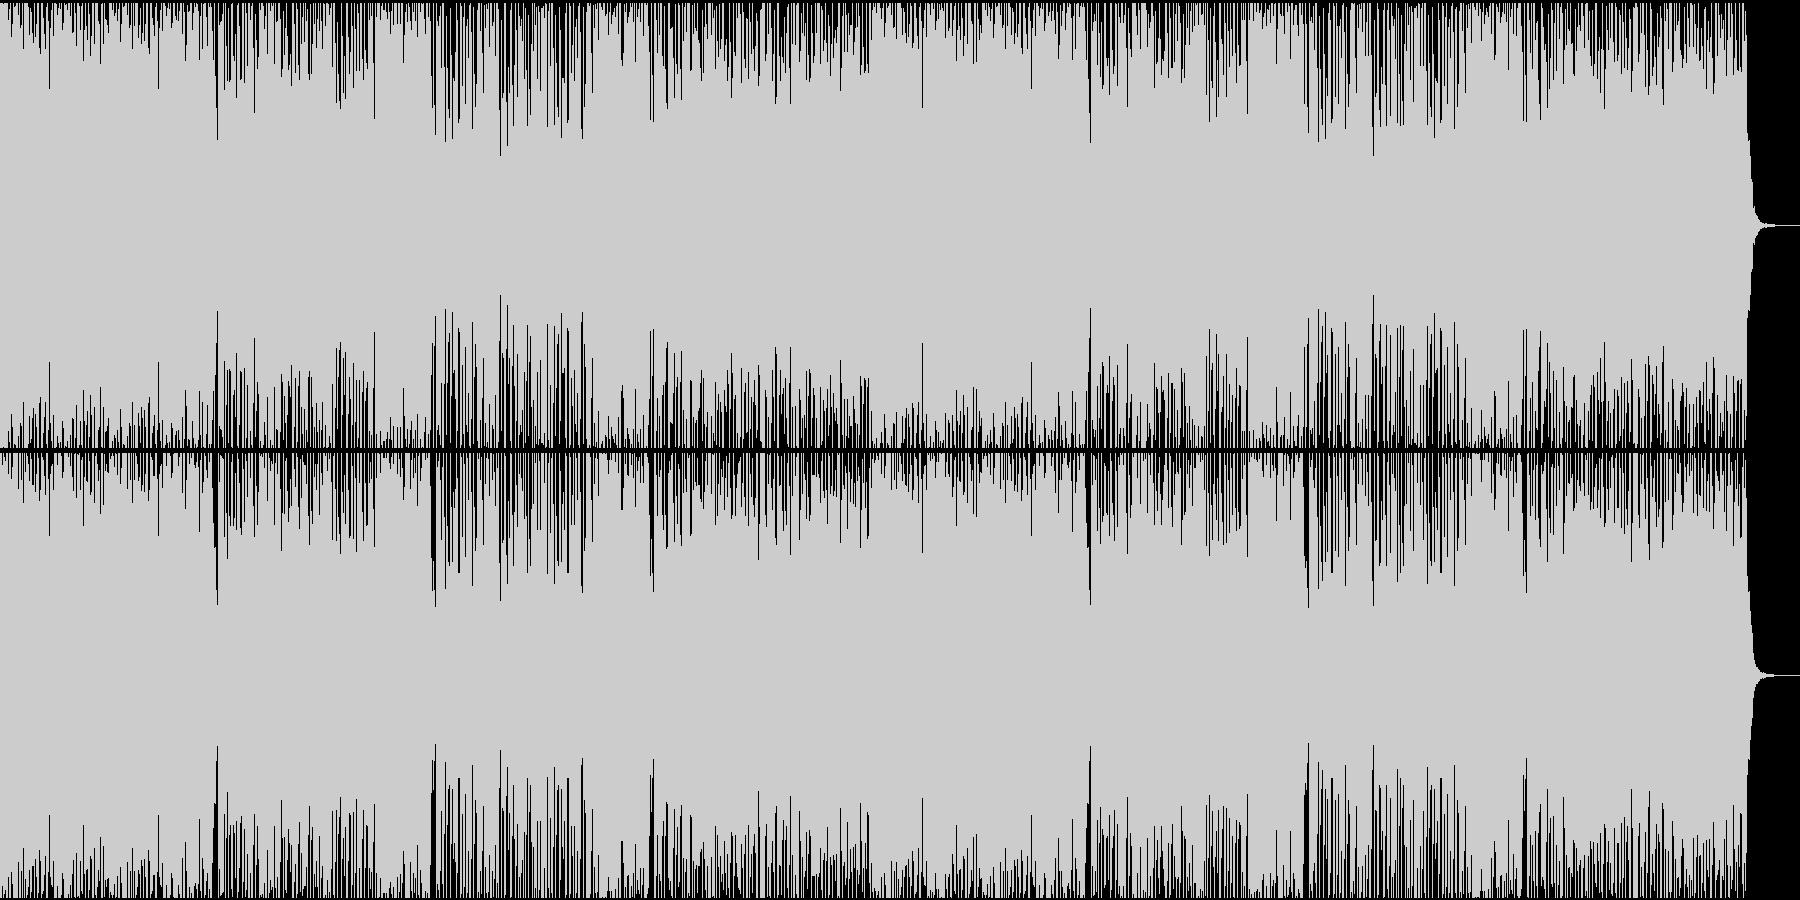 冬が近づいてきているイメージの曲の未再生の波形